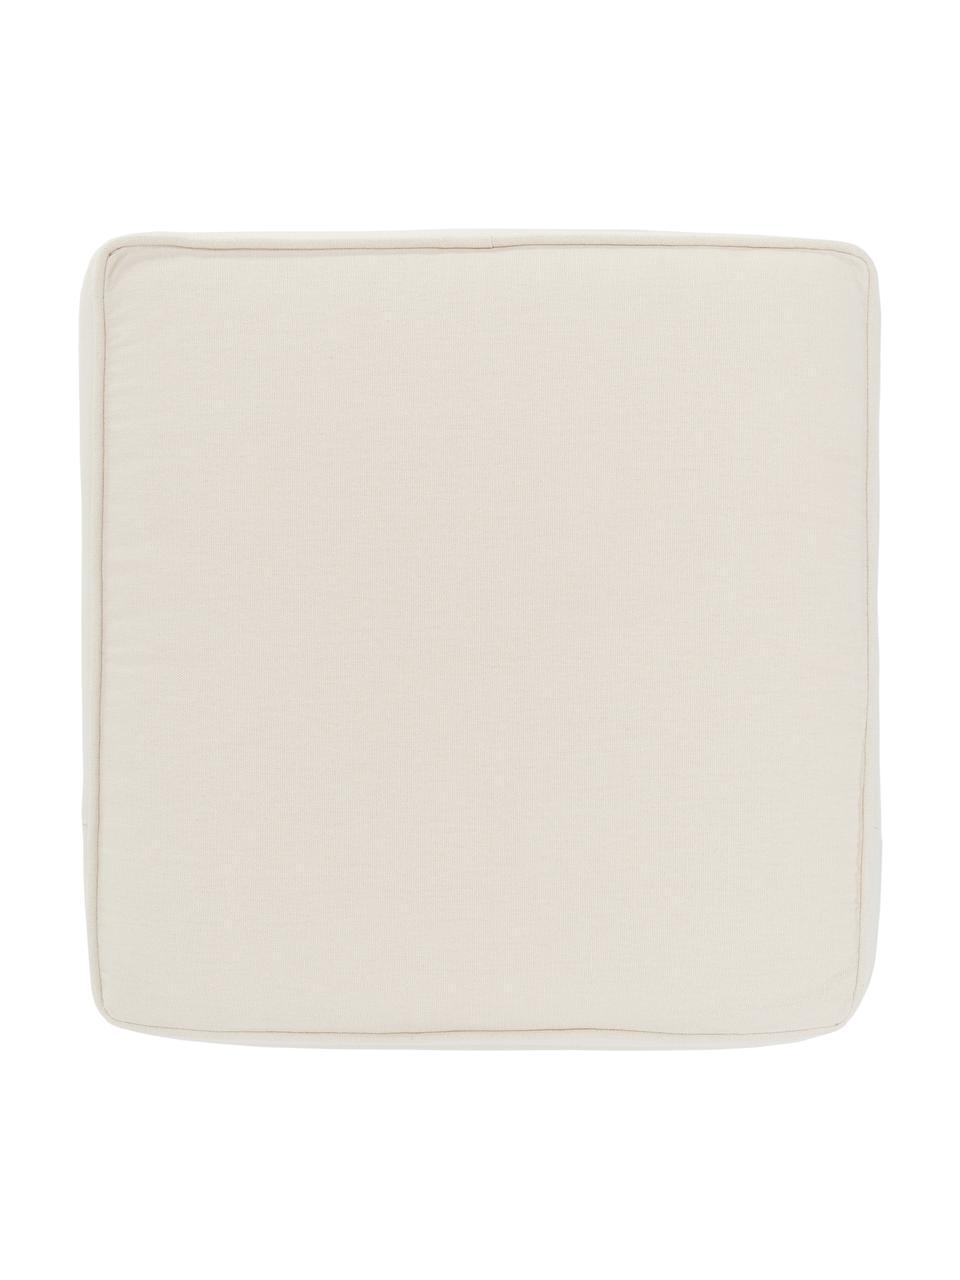 Hoog stoelkussen Zoey in beige, Beige, 40 x 40 cm